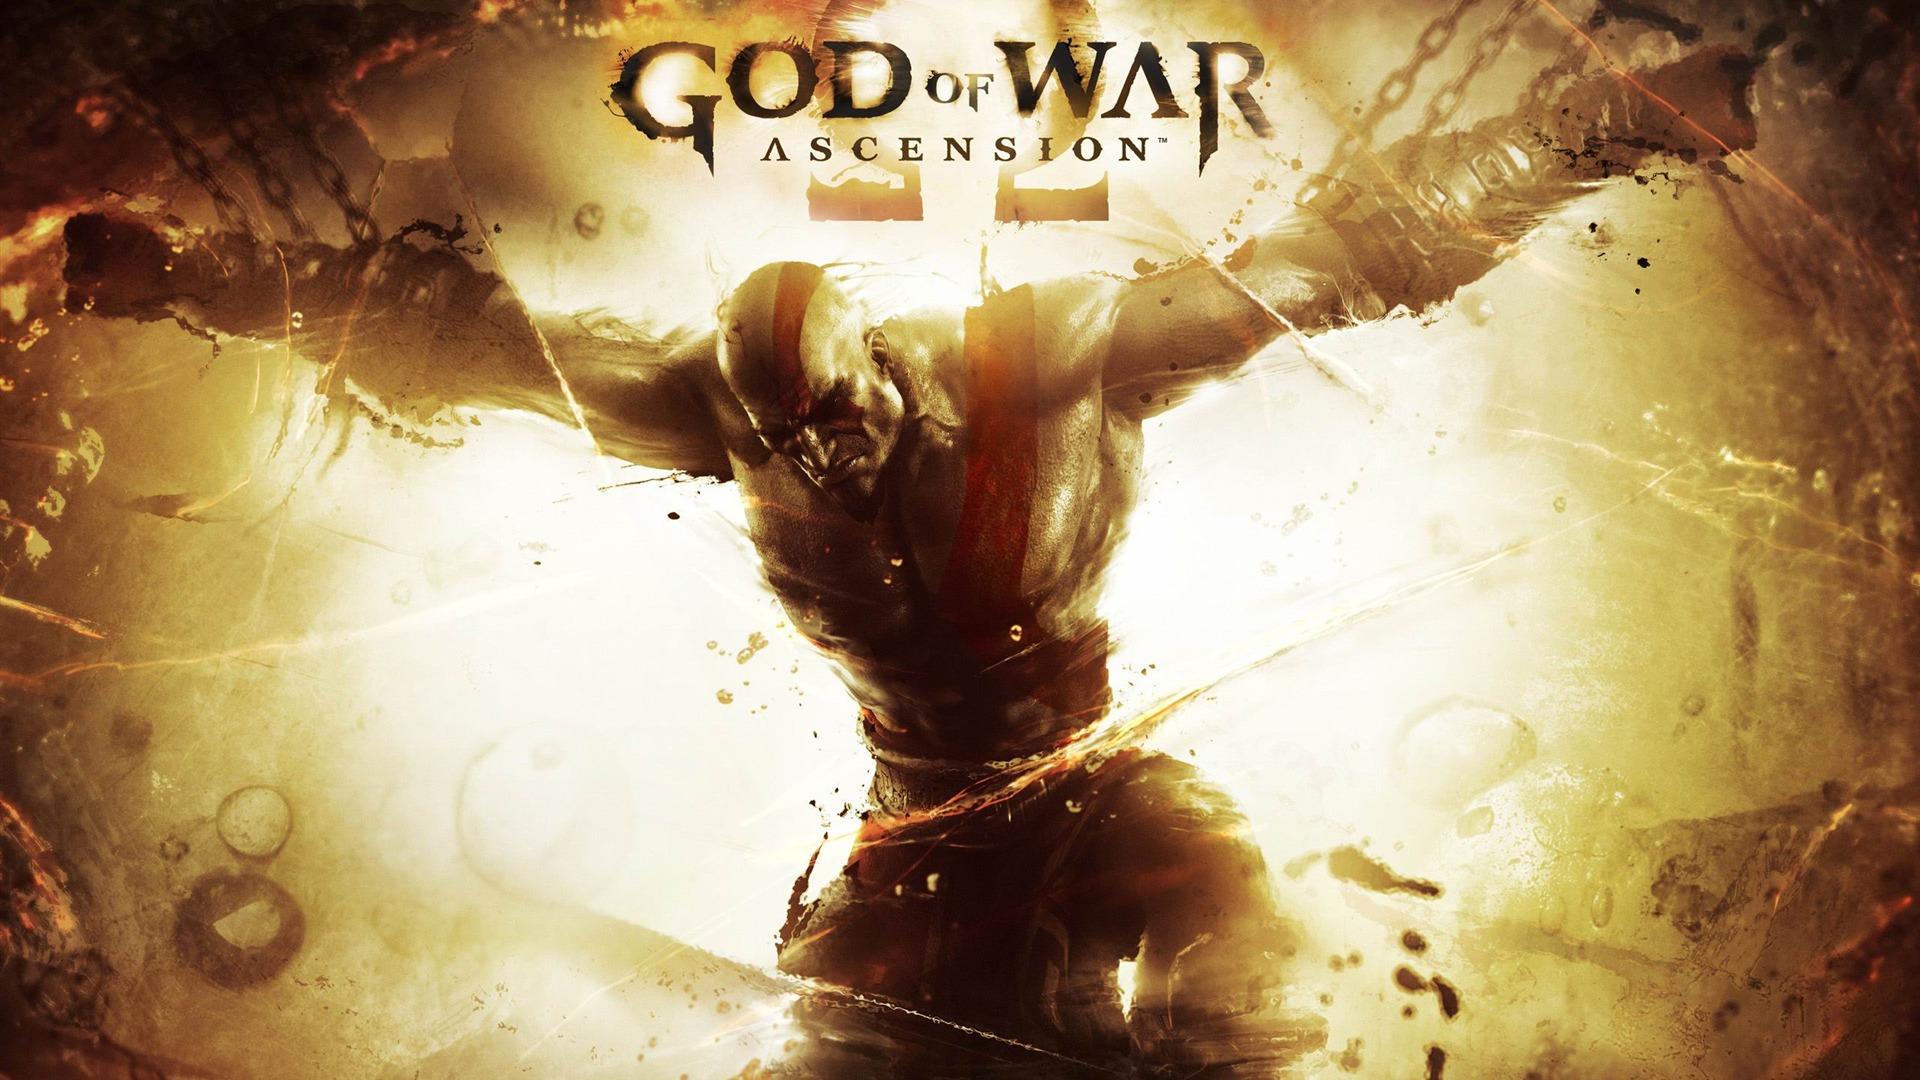 Ascension God Of War Hd Game Wallpaper Preview 10wallpaper Com